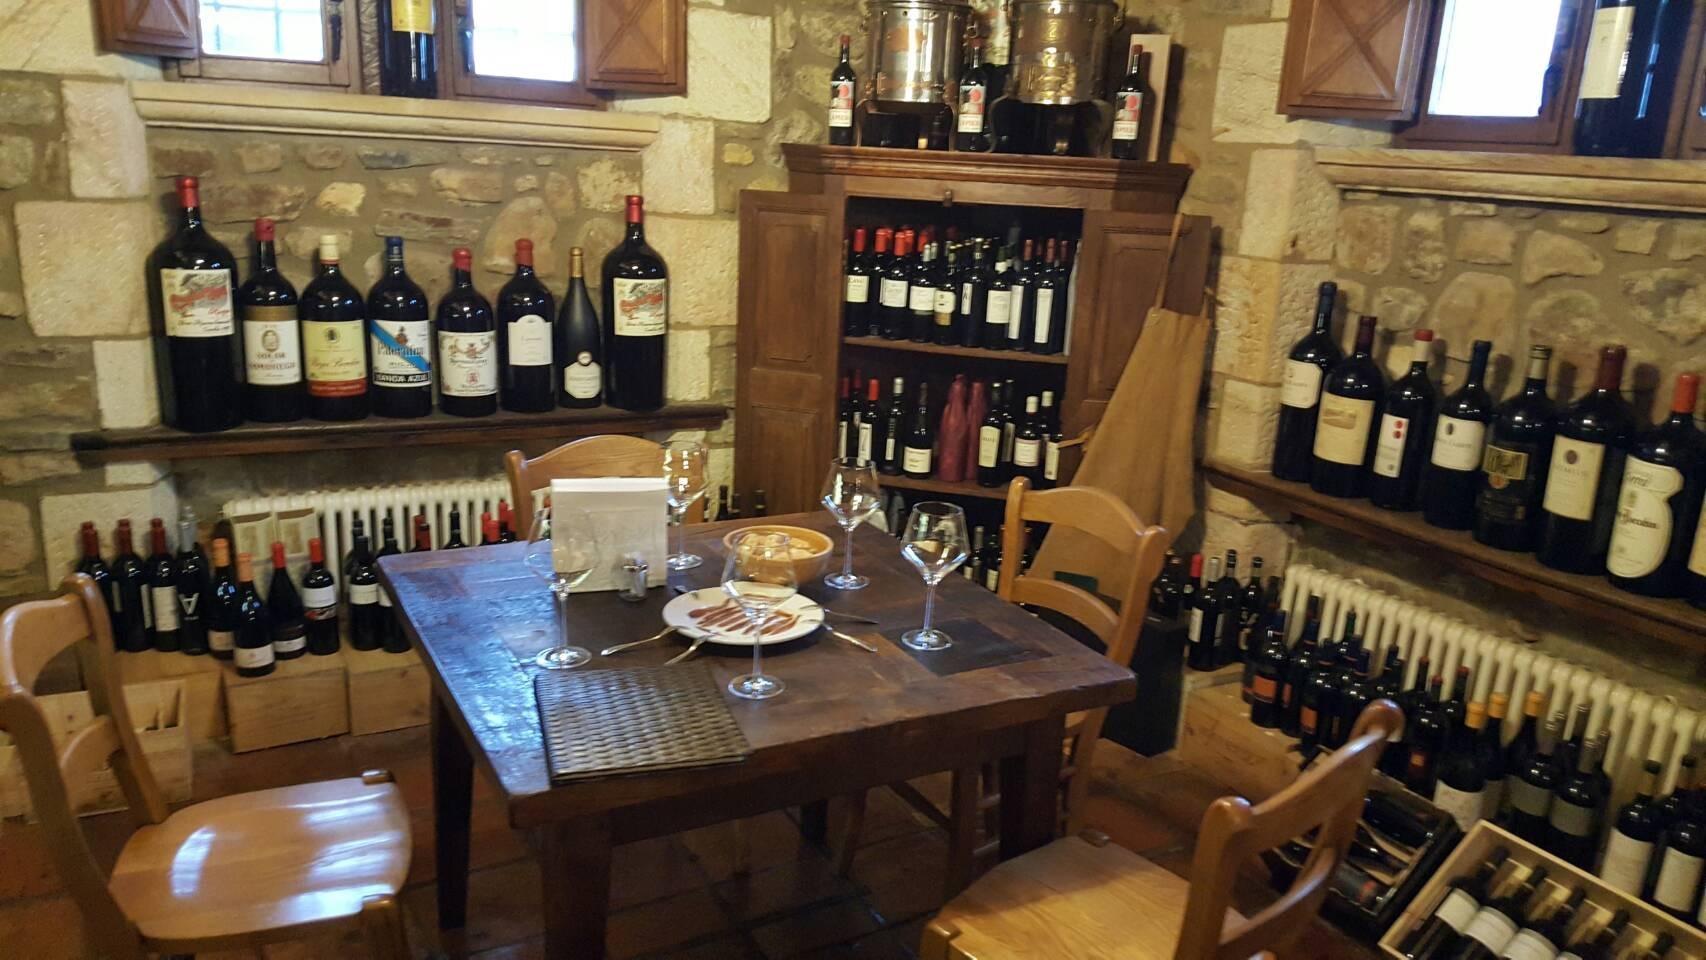 2017年GW スペインバスク地方、ワイナリーと バル巡りの旅 その4 ビルバオを一望できるレストランで_a0223786_13294254.jpg